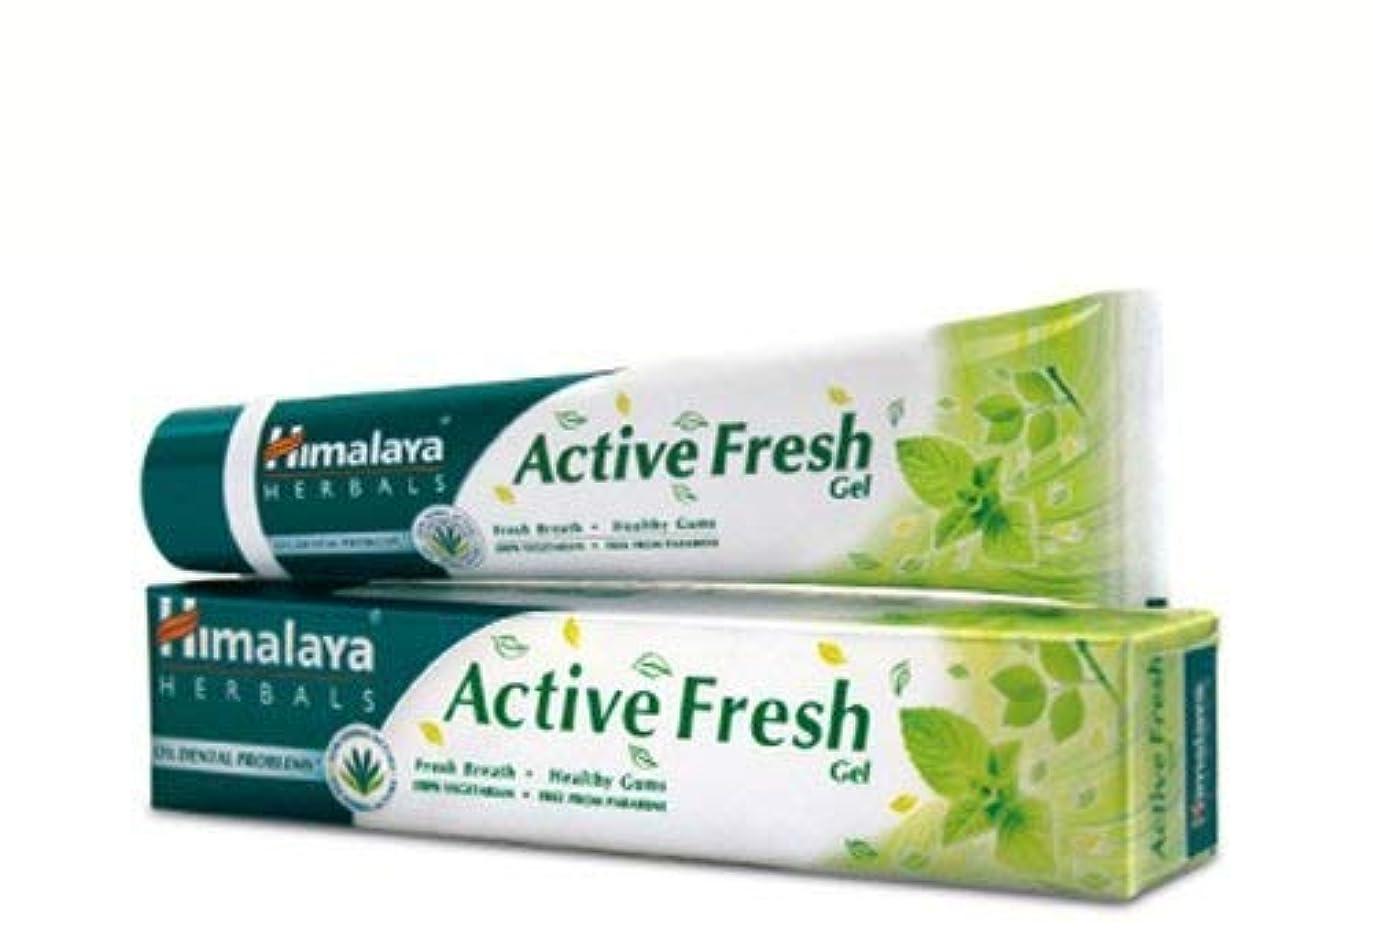 質素なスケジュール協定ヒマラヤ トゥースペイスト アクティブ フレッシュ(歯磨き粉)80g 2本Set Himalaya Active Fresh Toothpaste